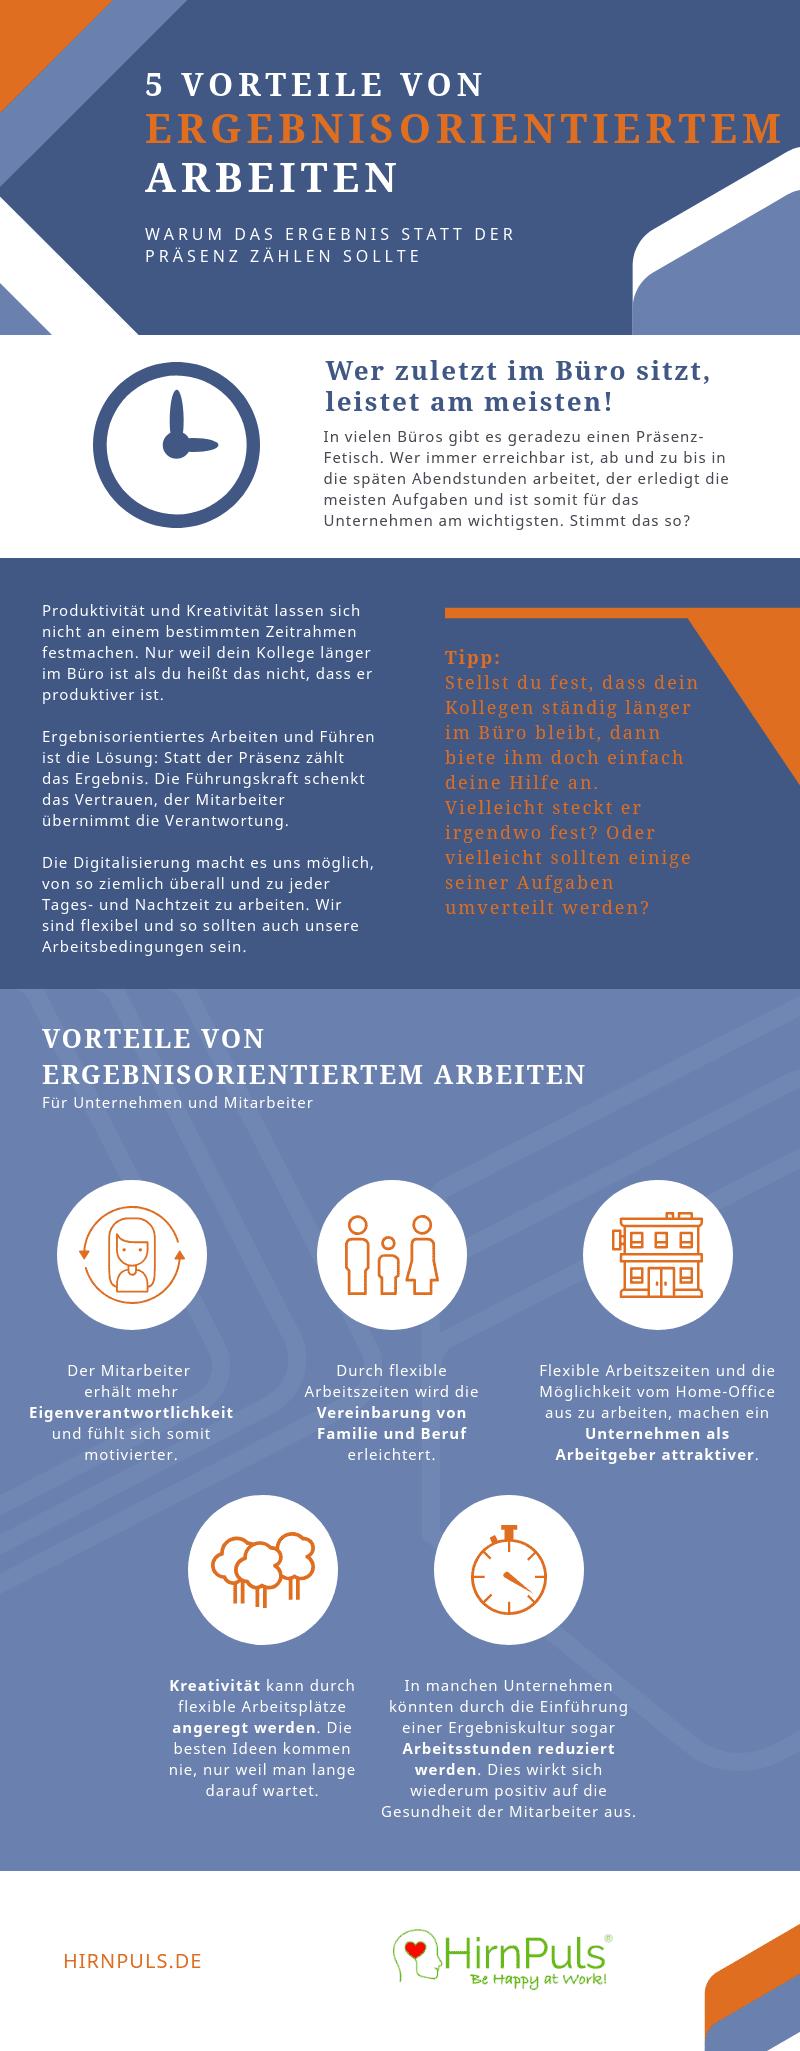 Ergebnisorientiertes Führen Infografik: Welche Vorteile hat ergebnisorientiertes Führen?